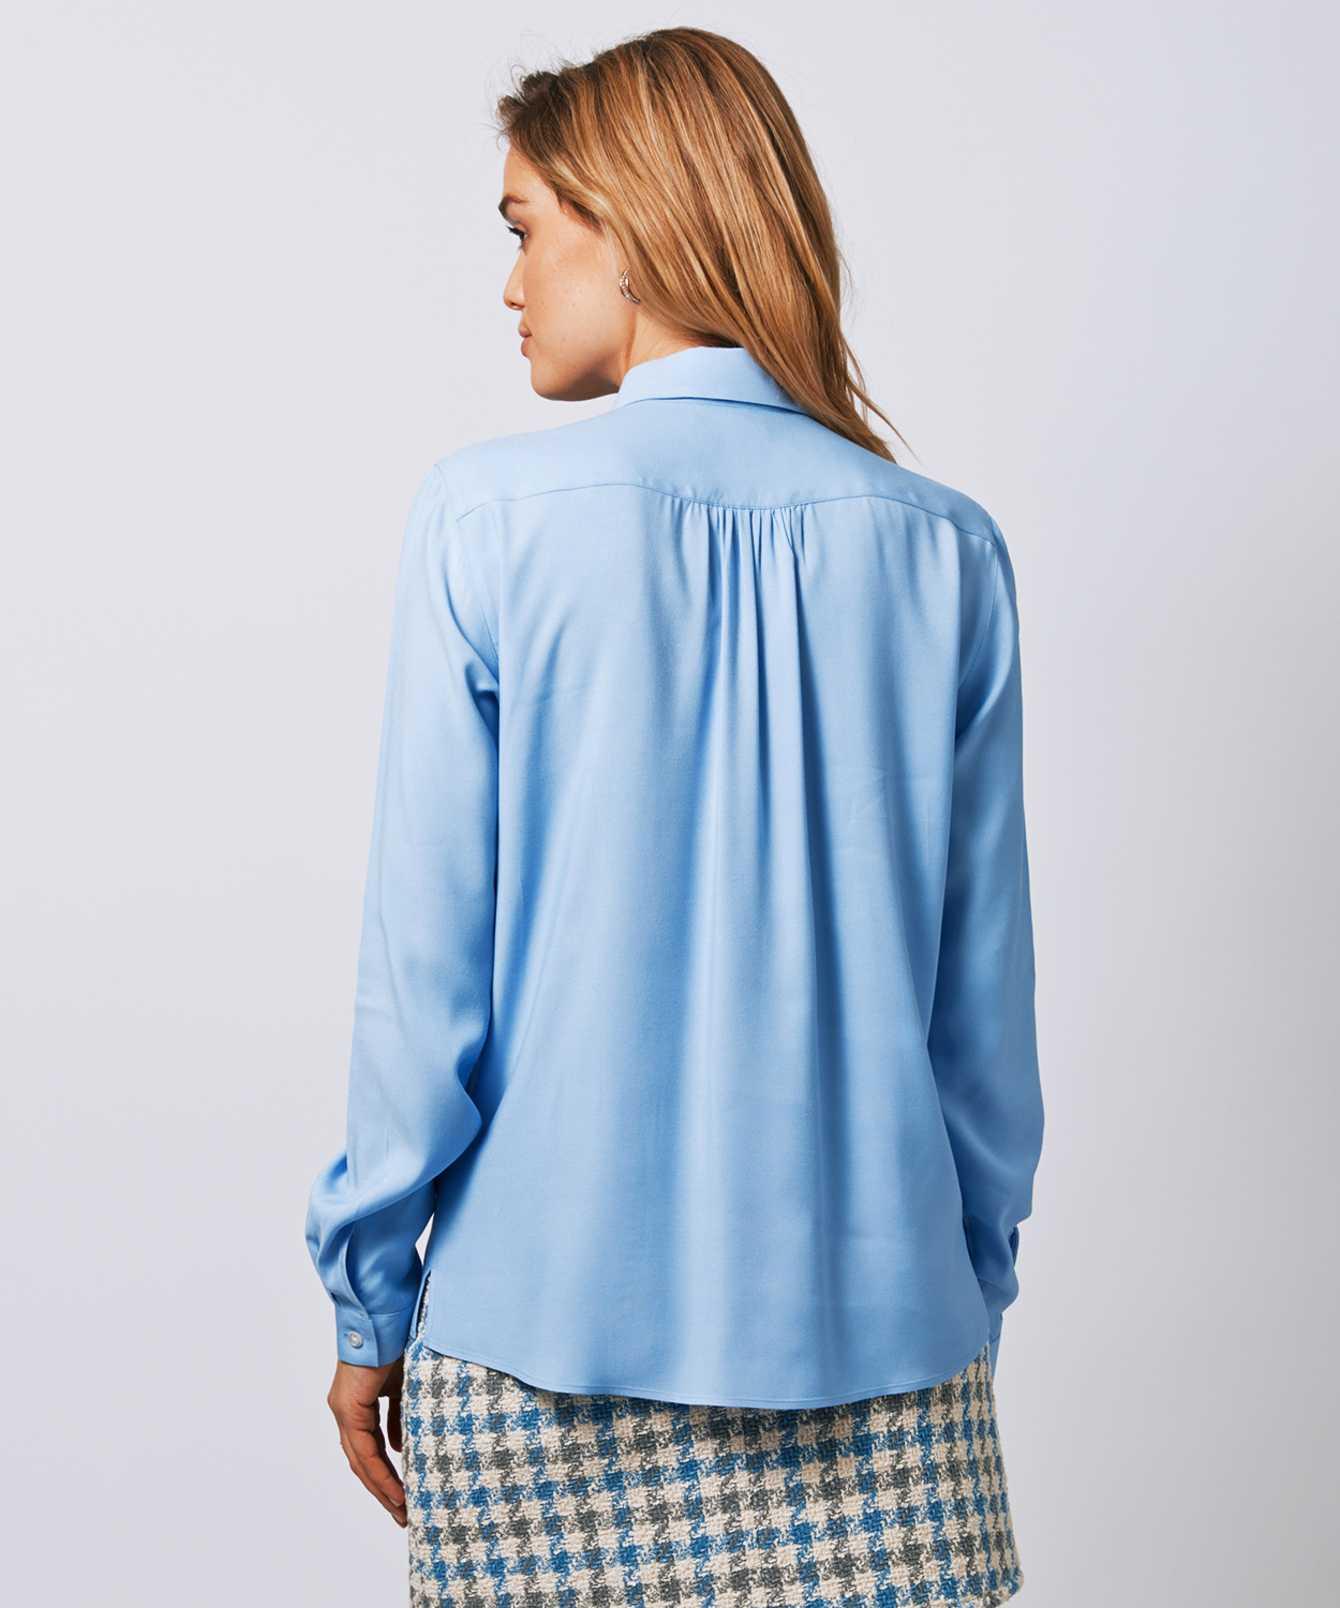 Skjorta Gina Verona Ljusblå The Shirt Factory